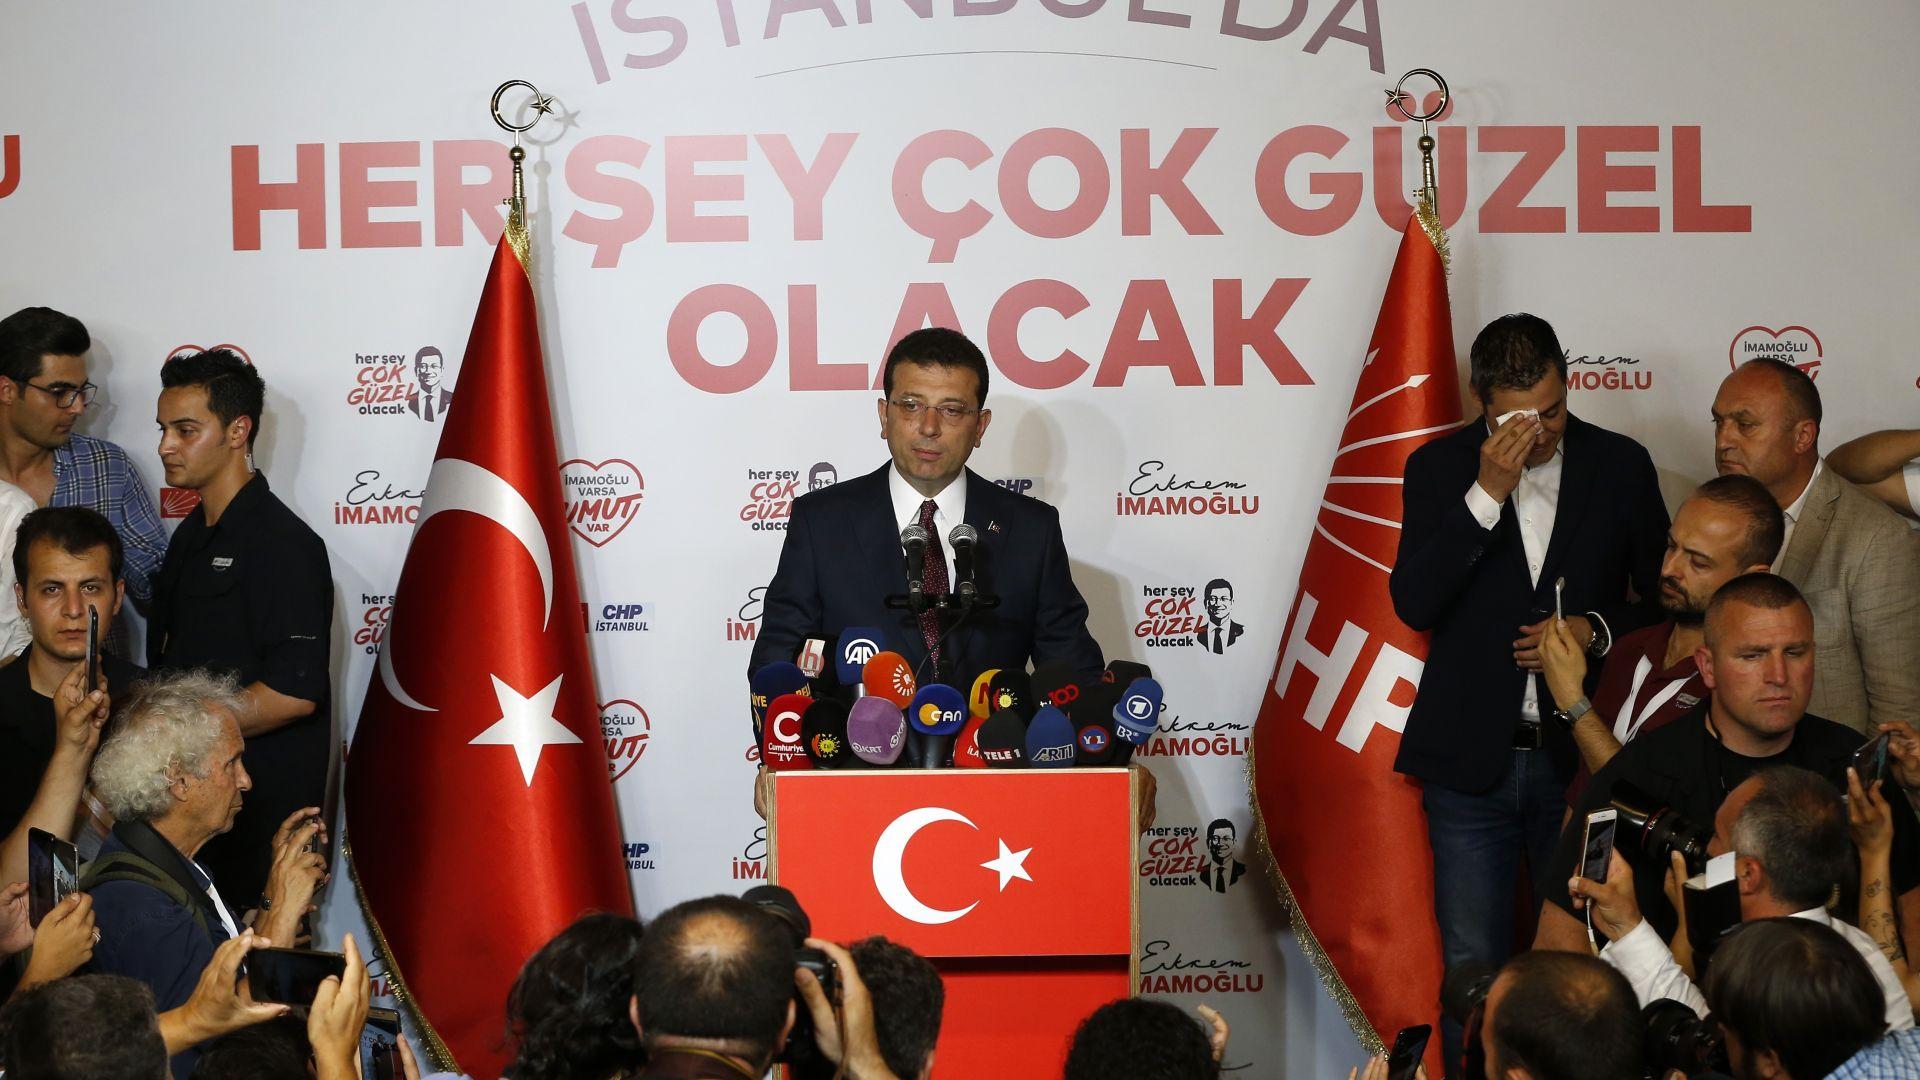 Опозицията срещу Ердоган превзе Истанбул за втори път -  с близо 1 млн. гласа повече